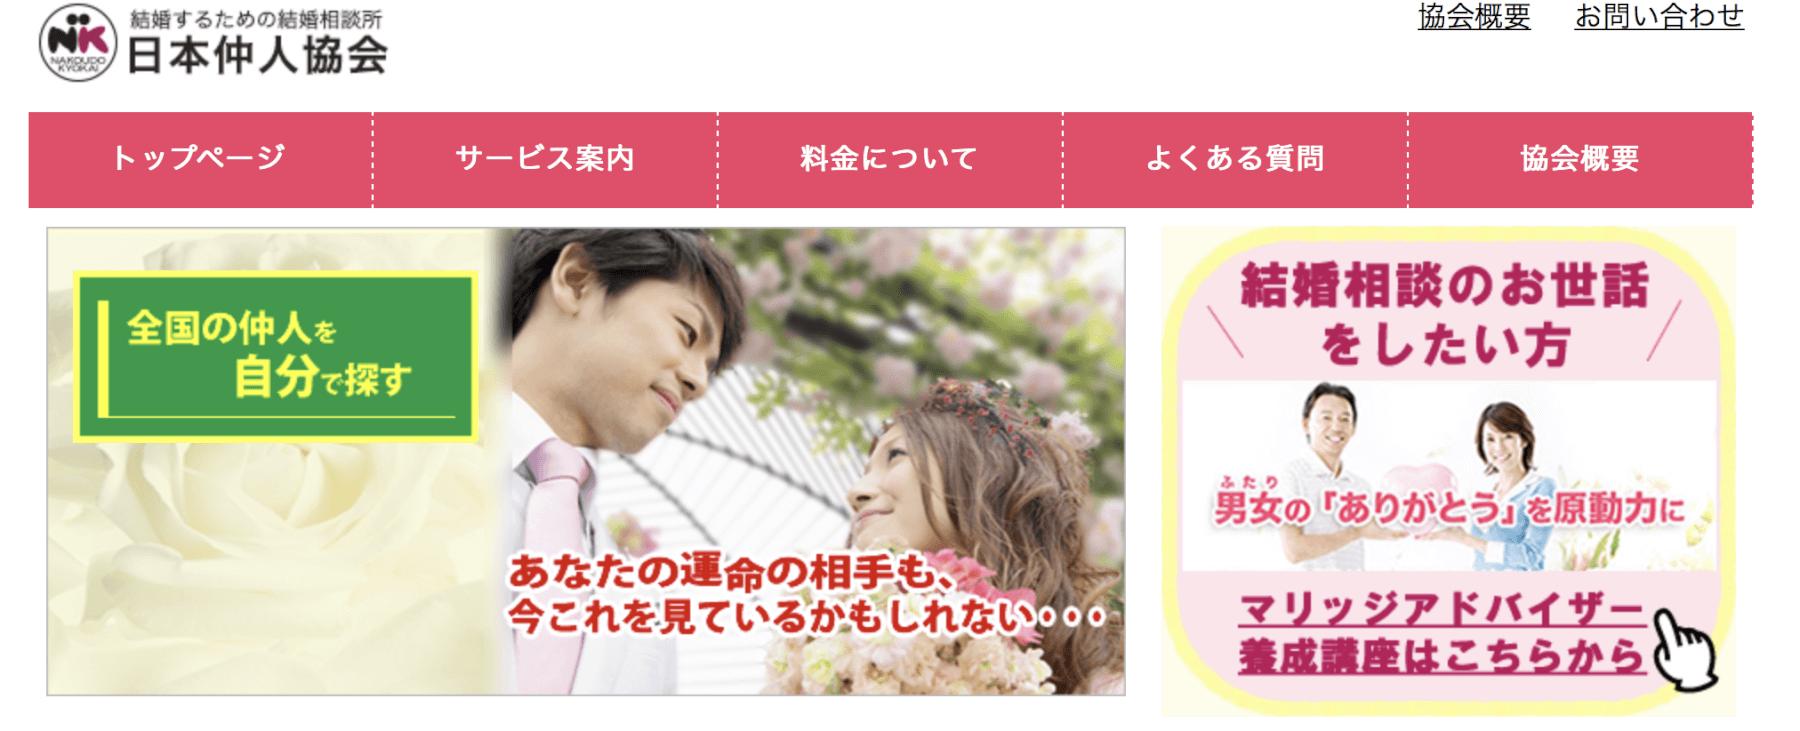 仙台でおすすめの結婚相談所ランキング 仲人協会